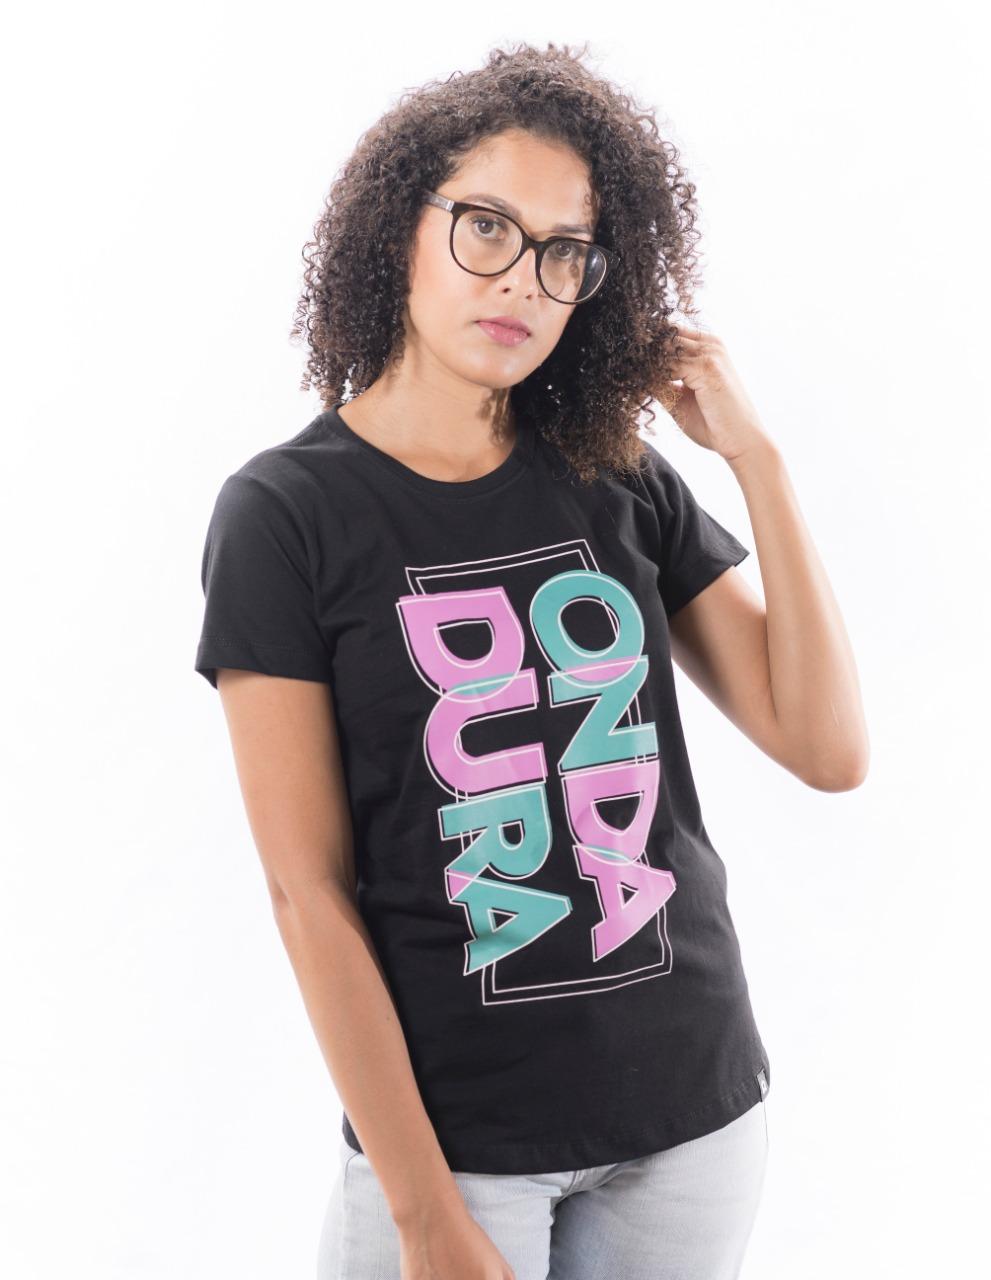 Babylook preta feminina Onda Dura color 90º